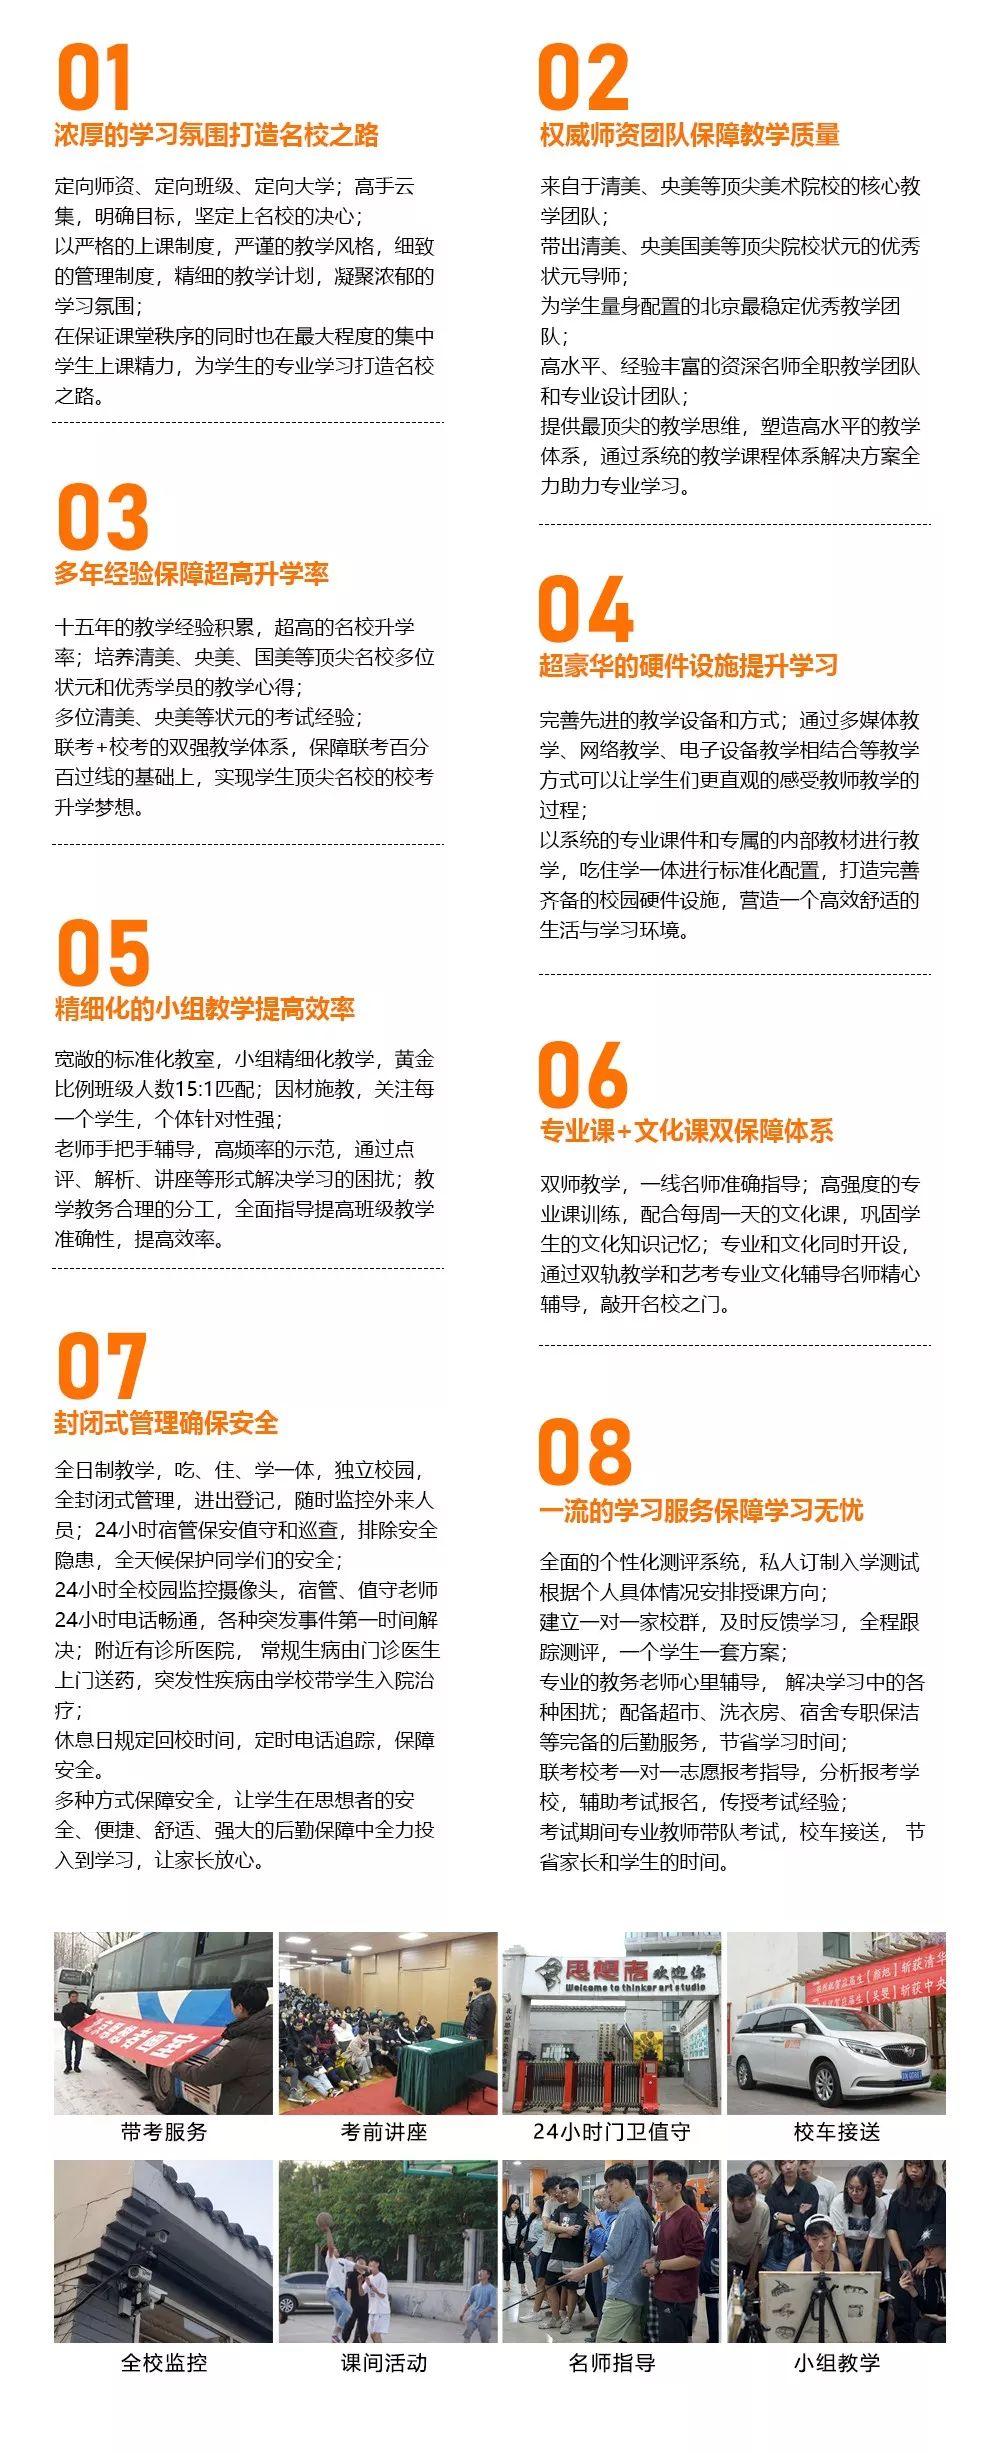 北京思想者画室预报名开启,北京画室招生,北京美术画室    22